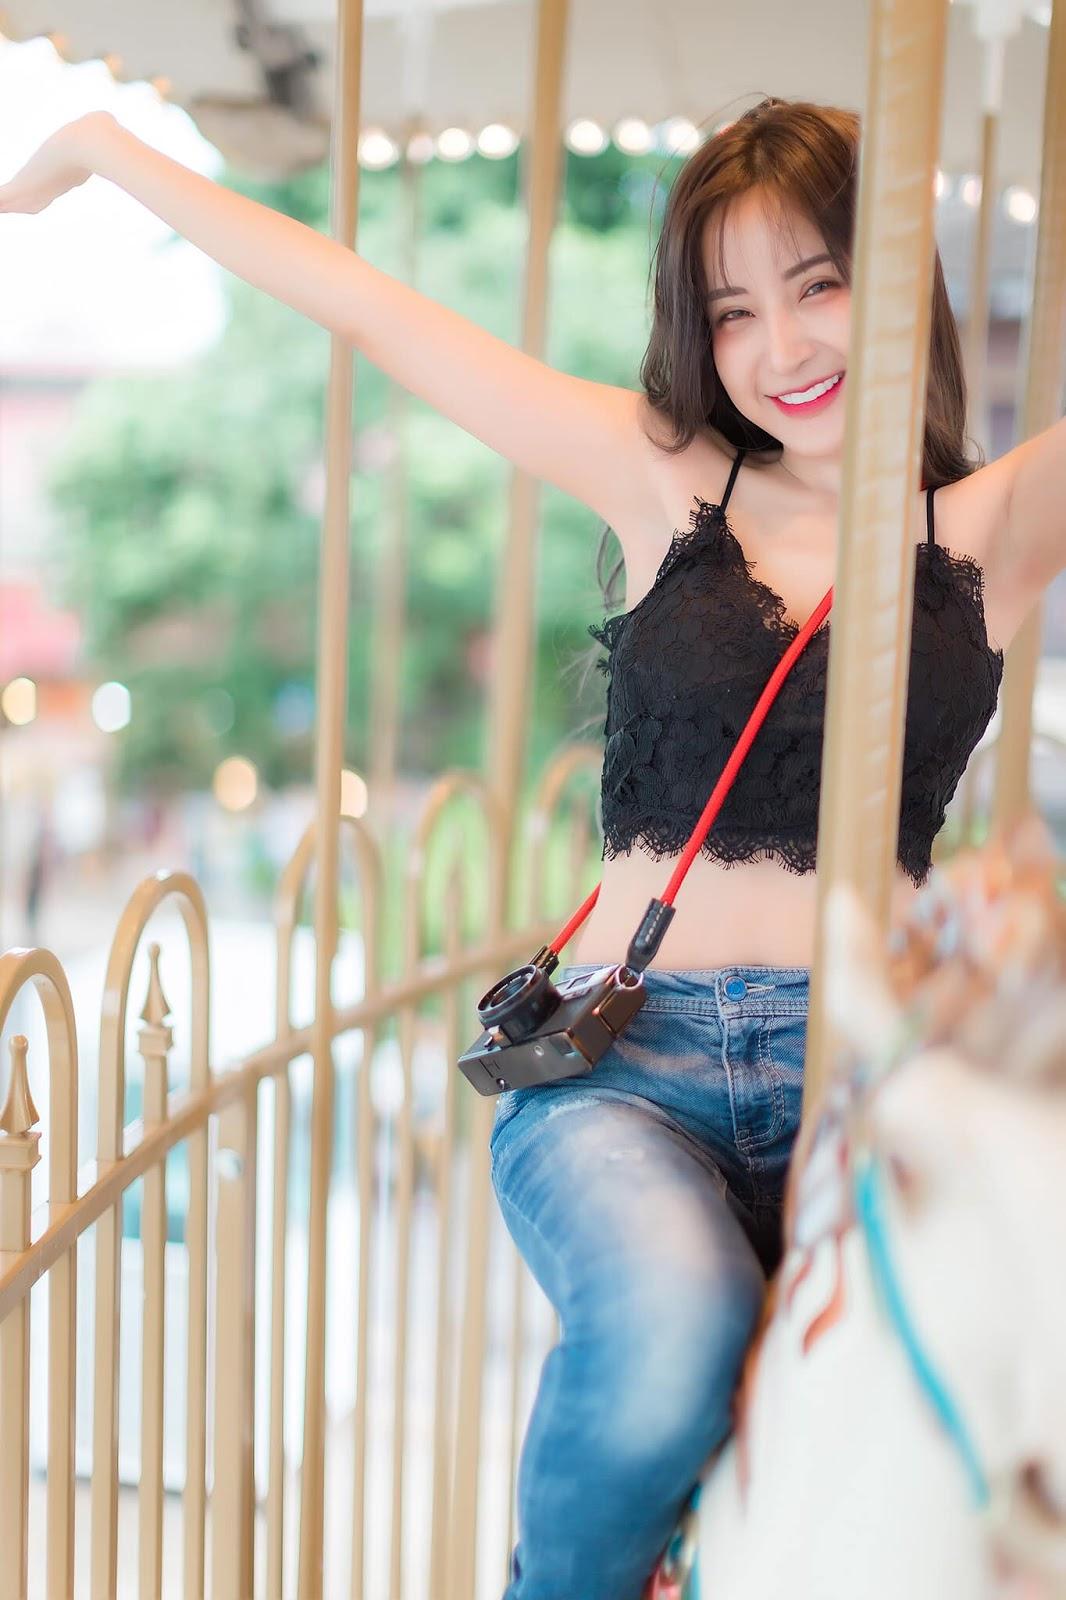 Thailand Hot Girl - Thanyarat Charoenpornkittada - My Memory Childhood Park - TruePic.net - Picture 7